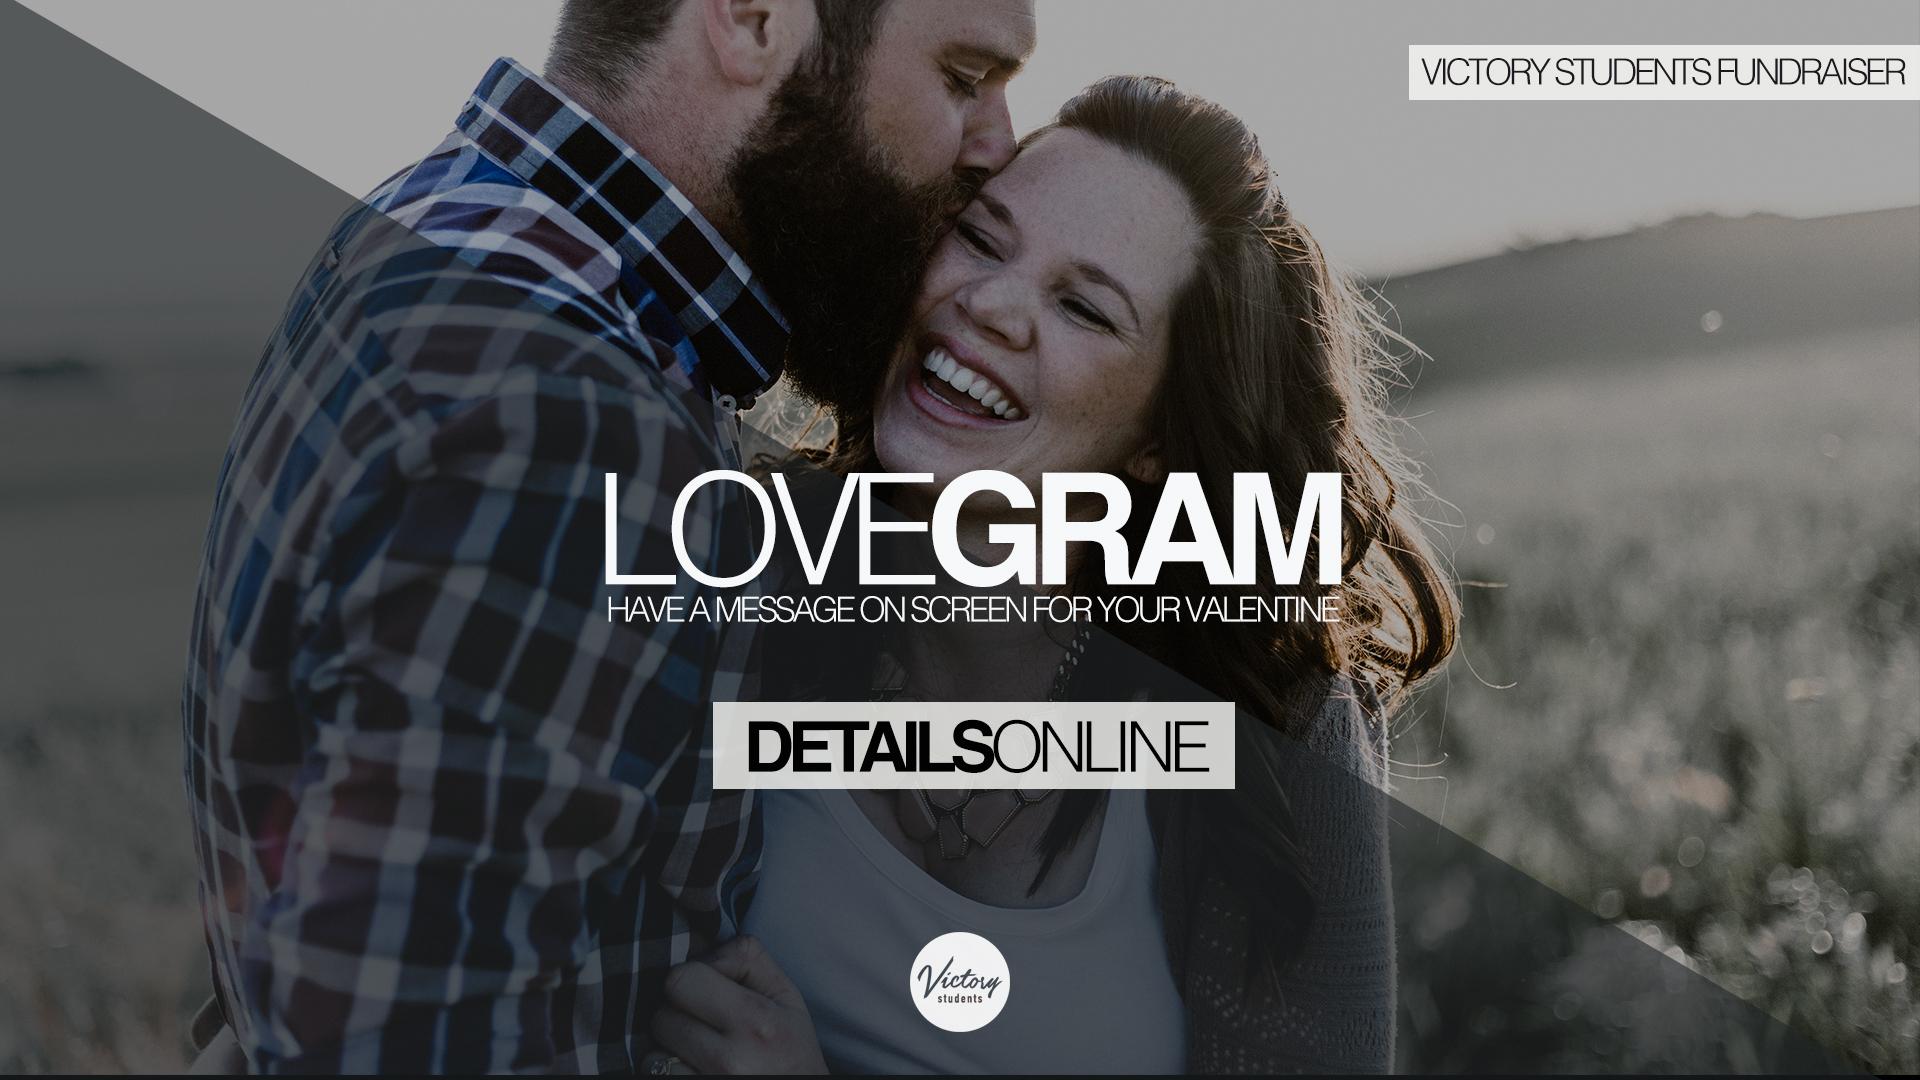 Lovegram